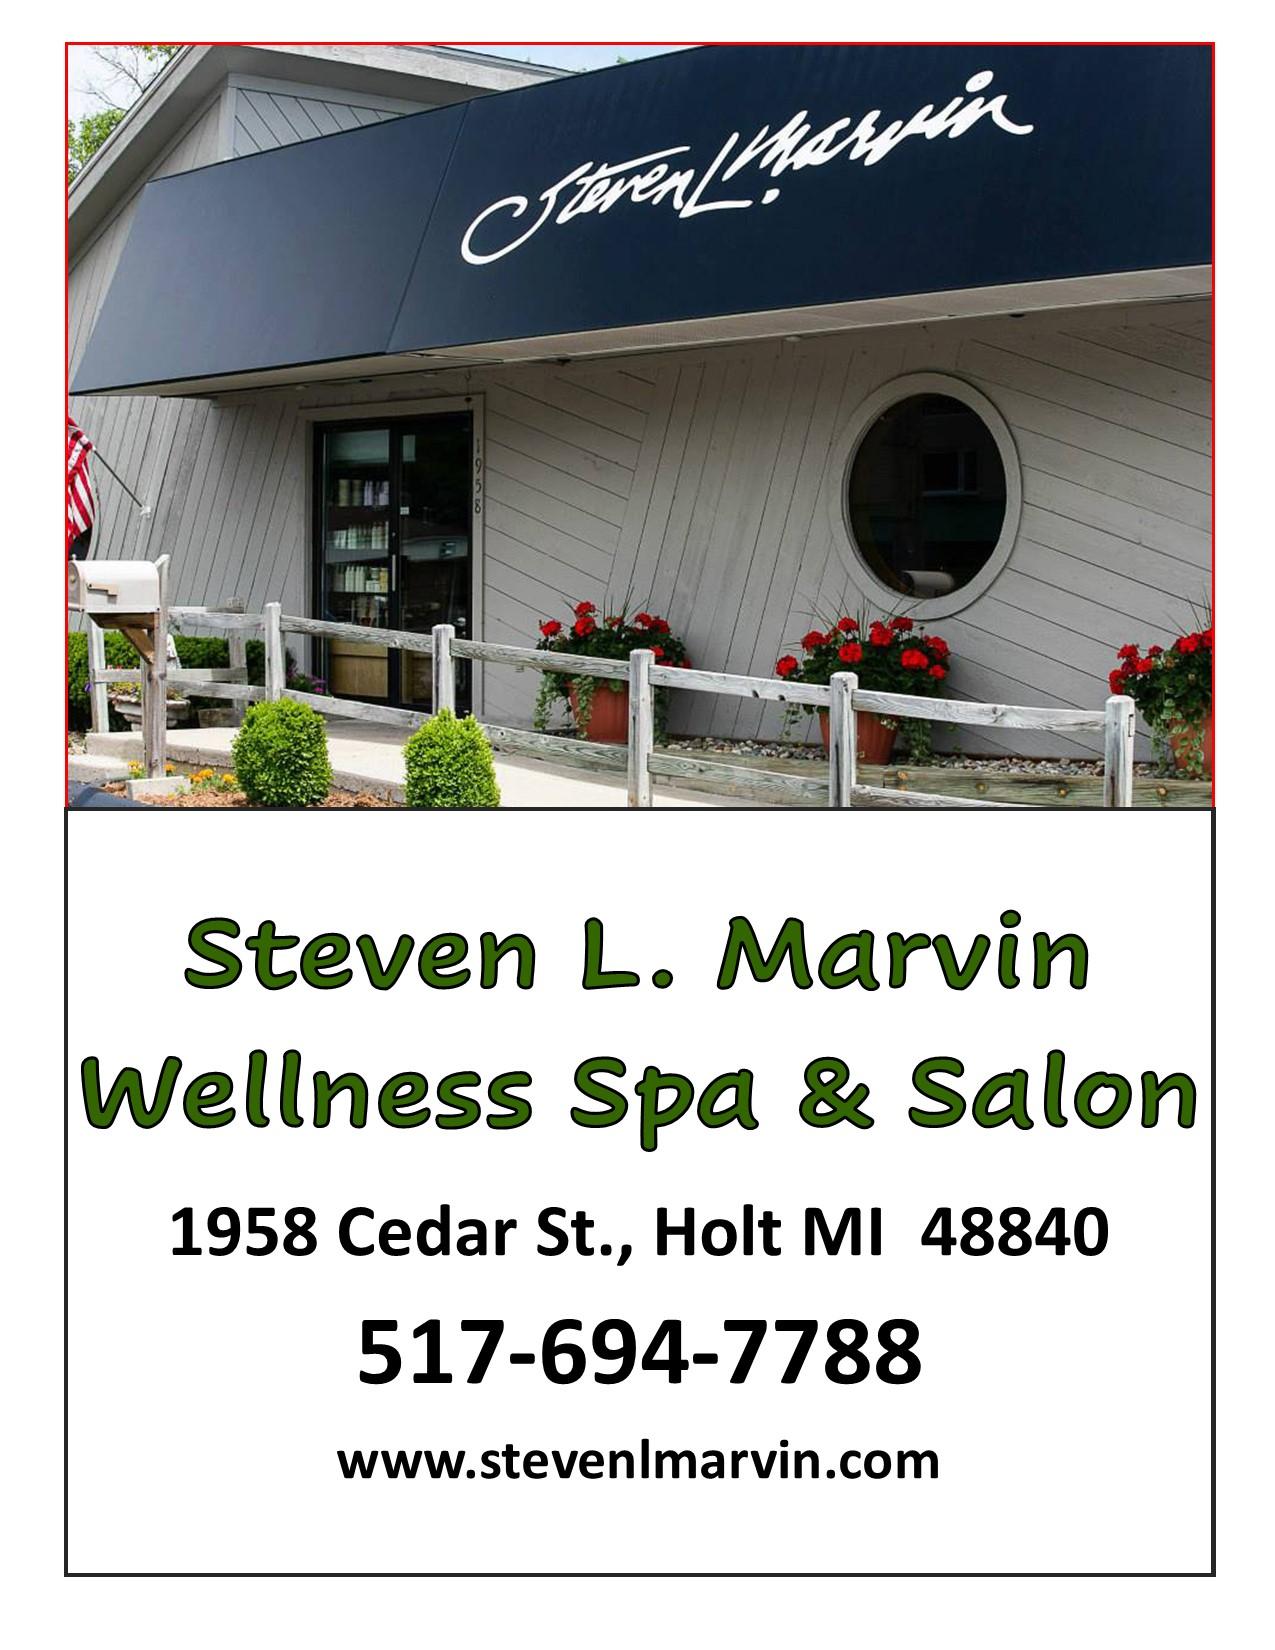 Steven Marvin